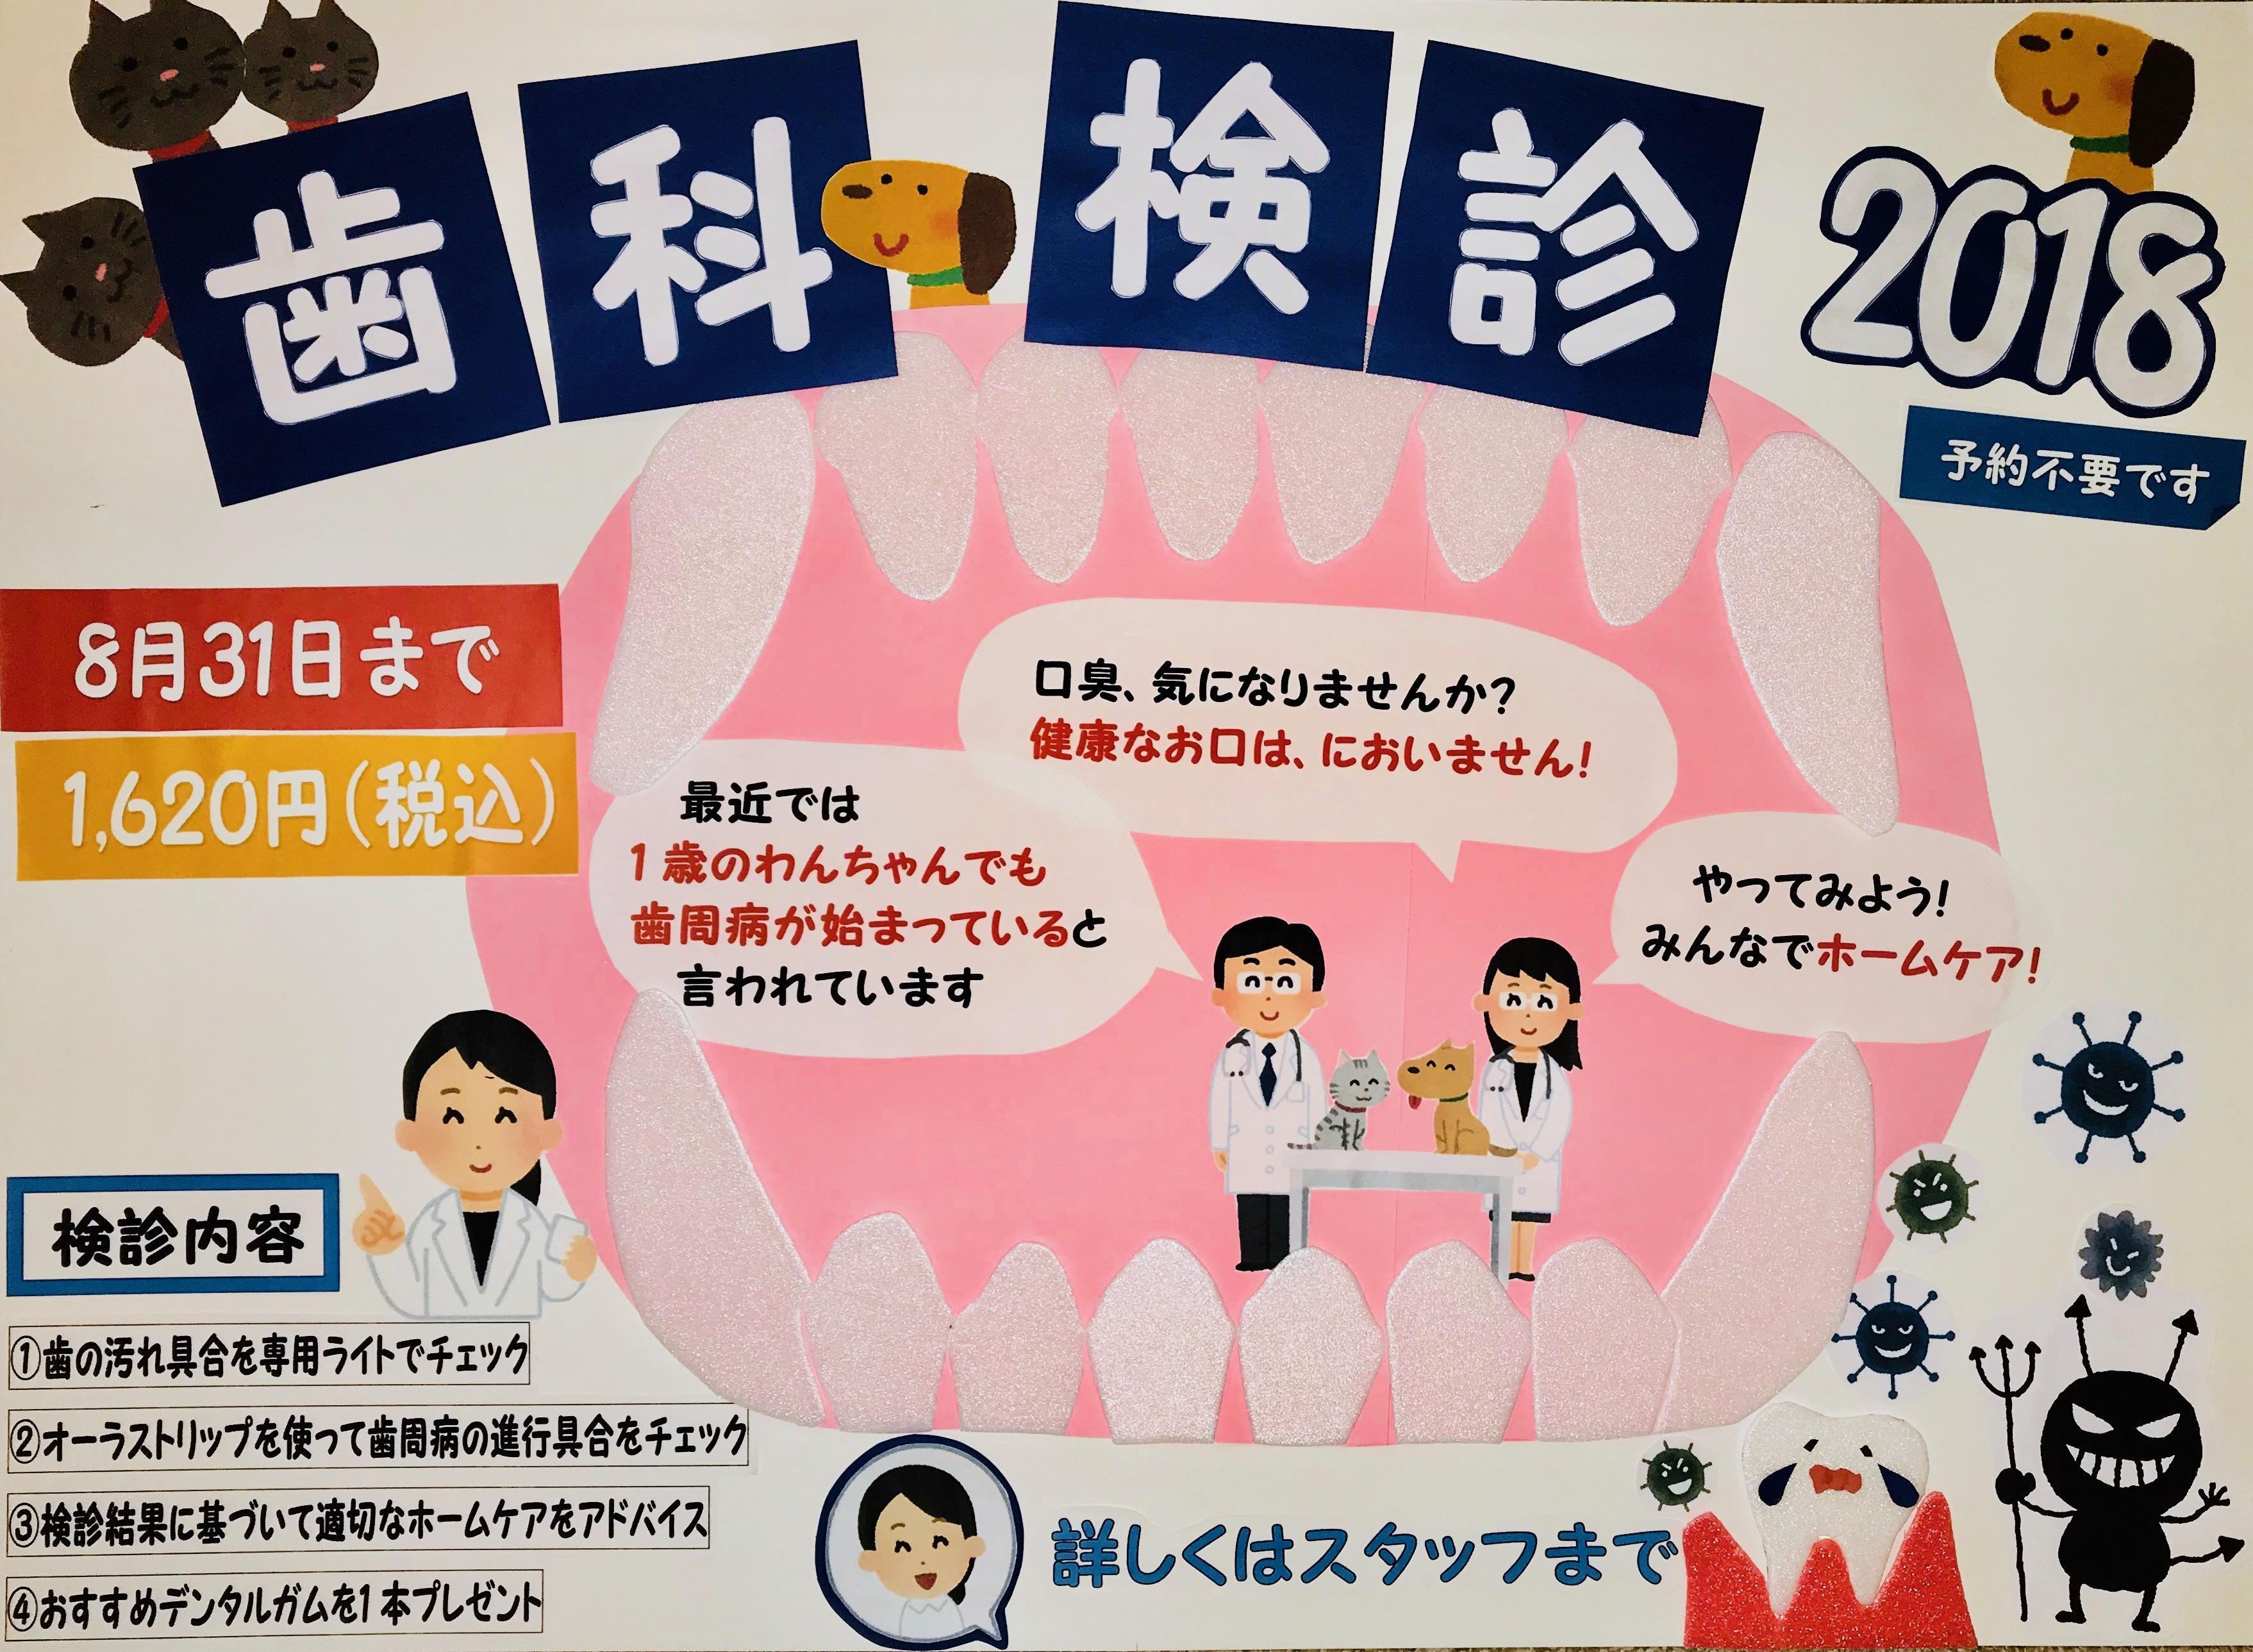 歯科検診ポスター